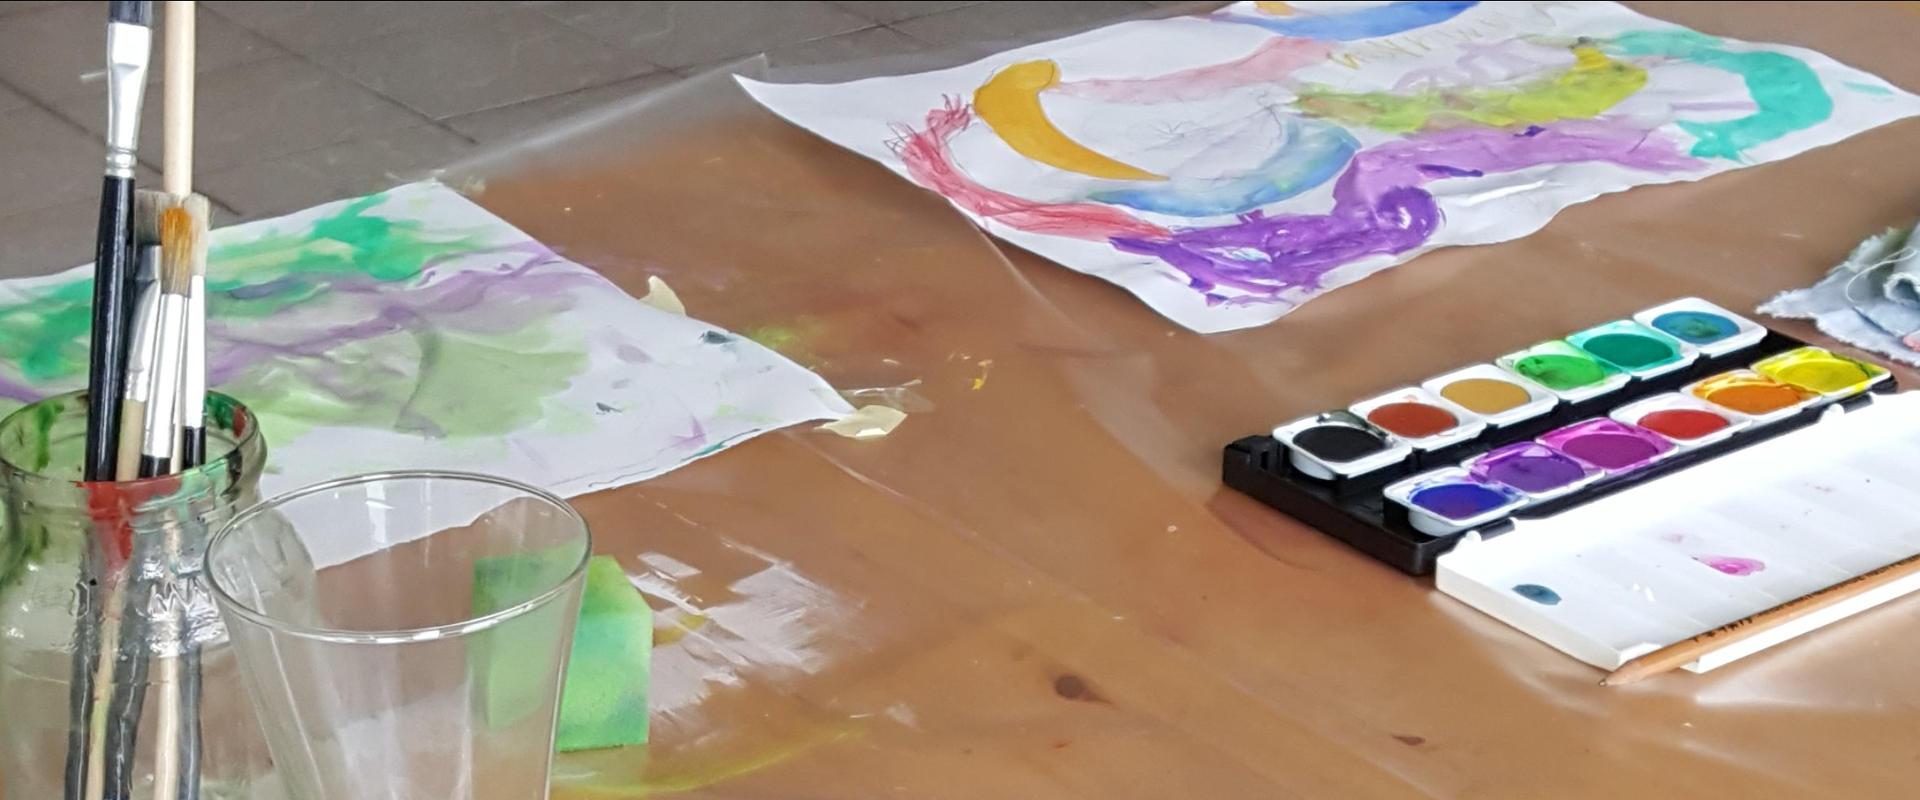 Kunst-, Kreativ- und Maltherapie